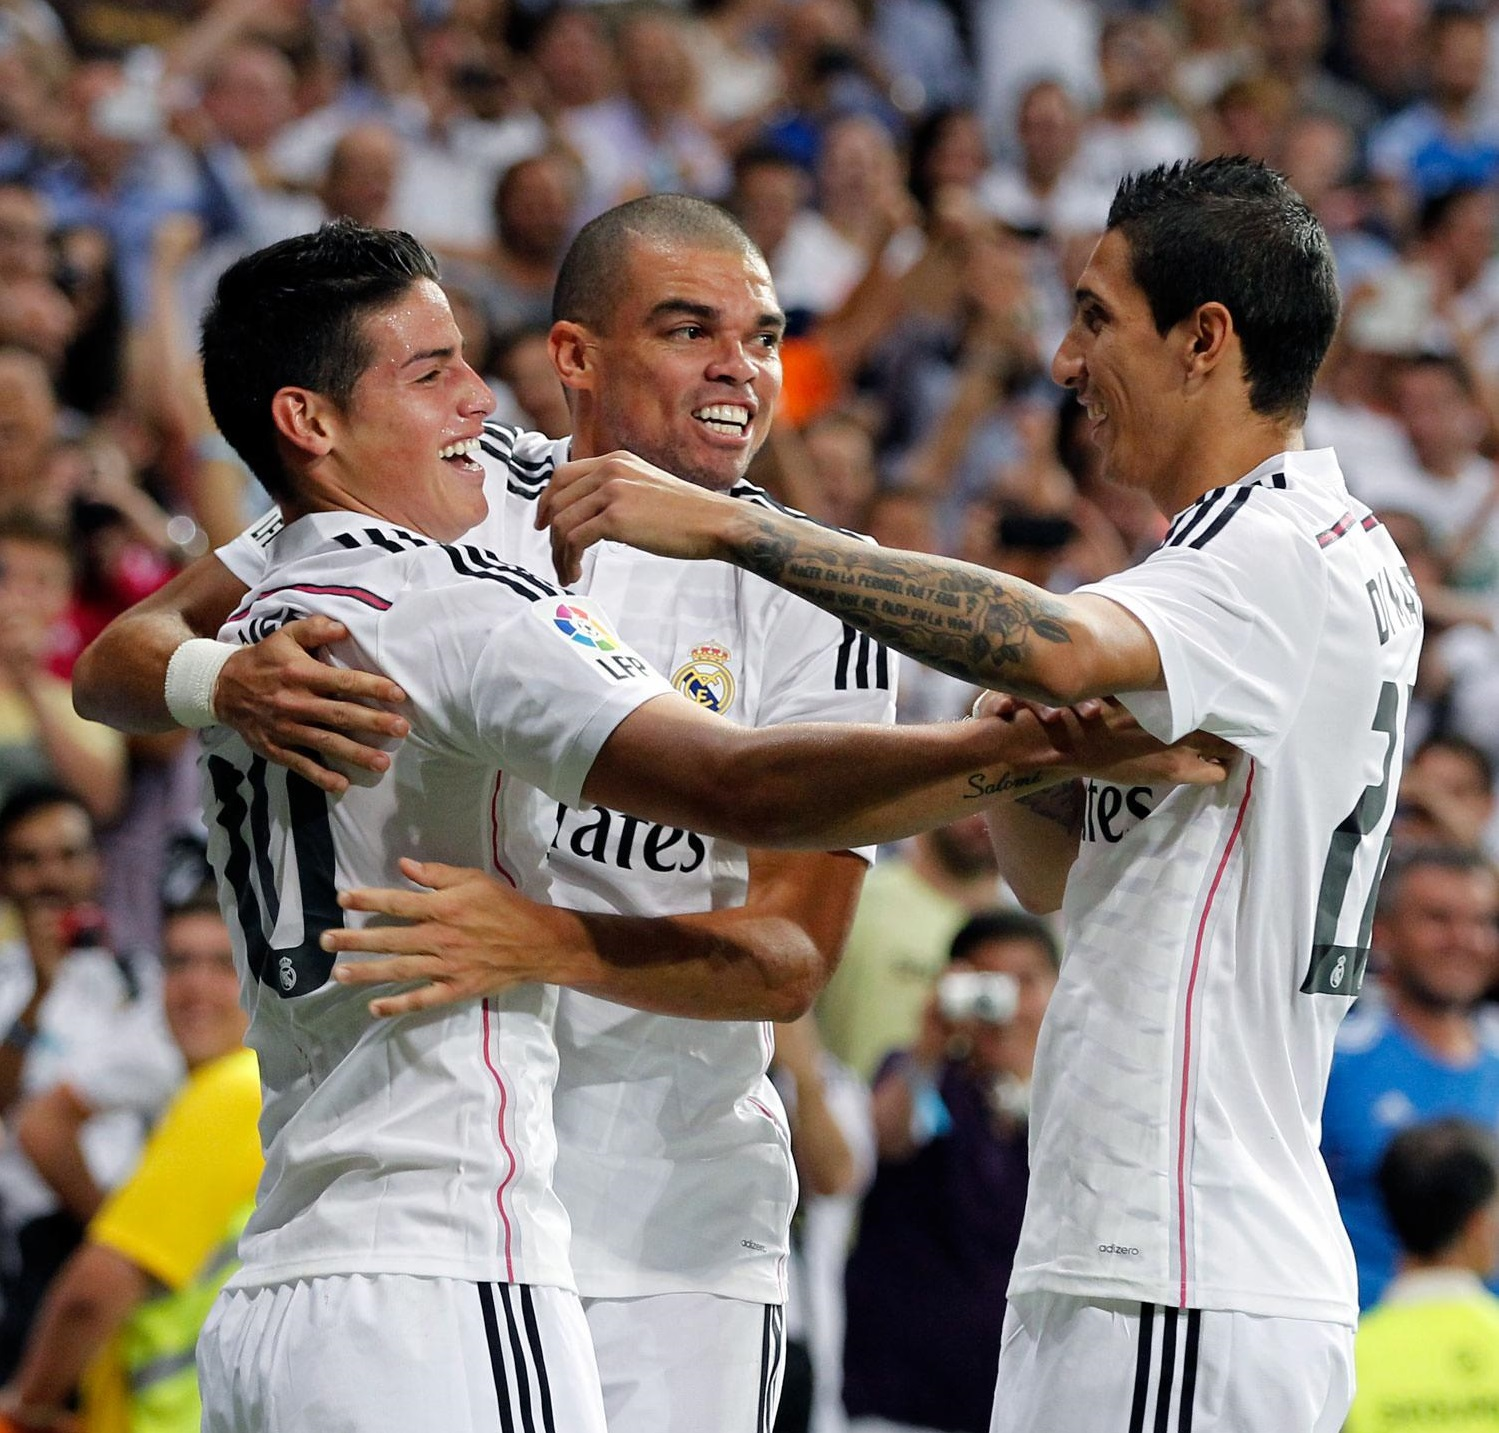 James calificó de injusto el empate ante medios españoles